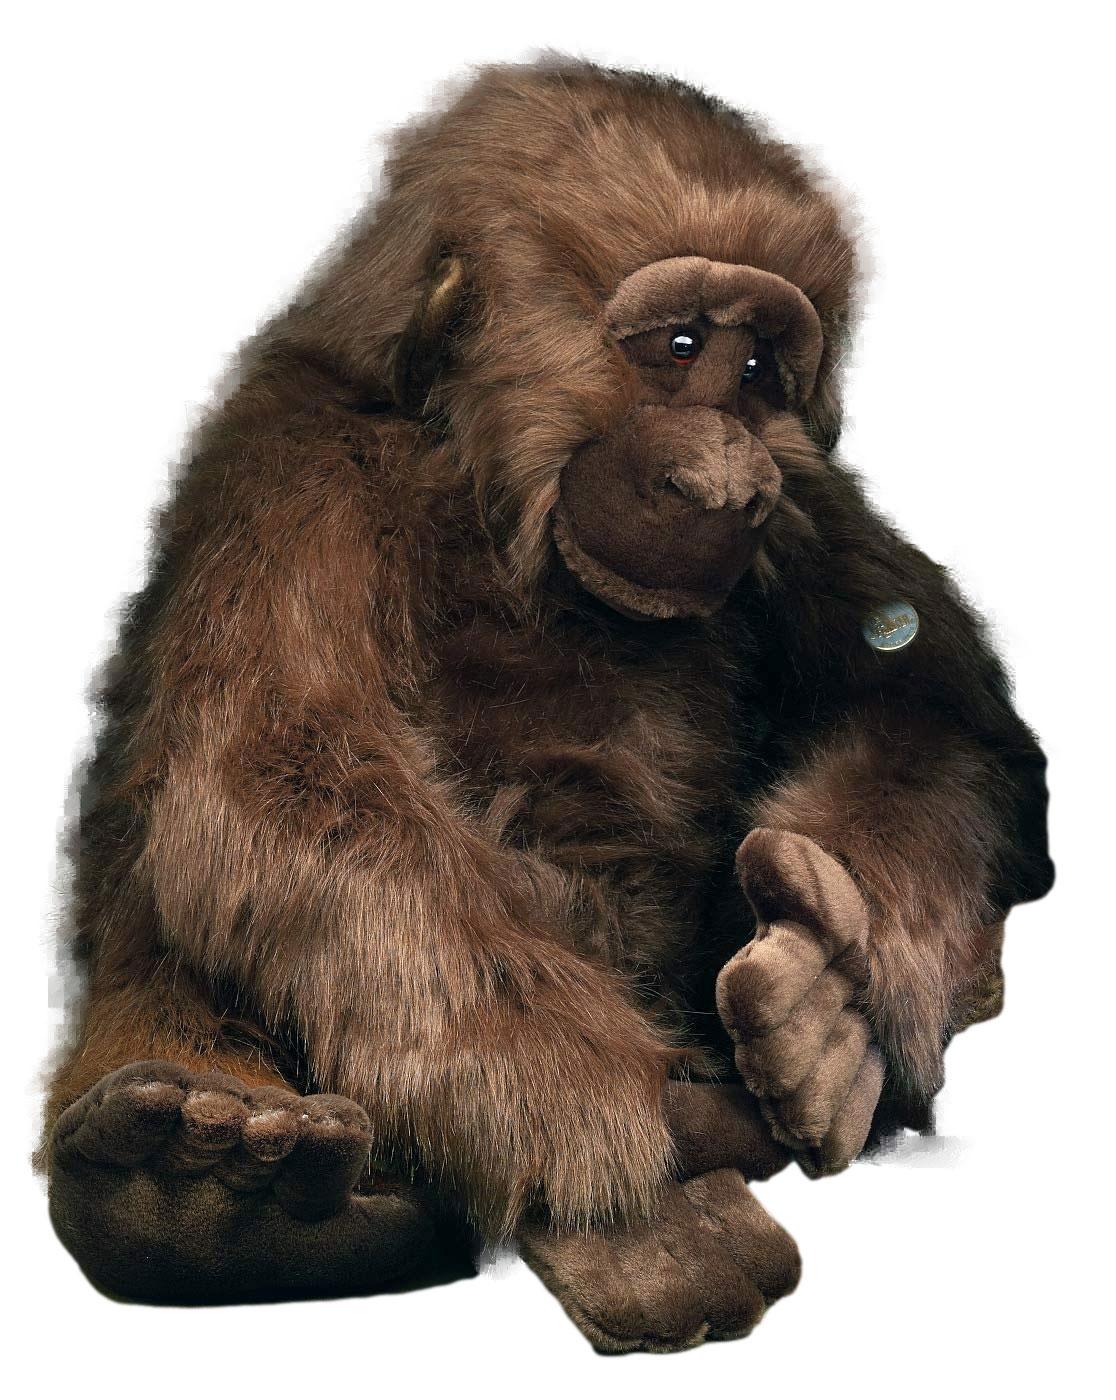 Förster Stofftiere 1750 Gorilla extra groß 80cm Plüshtier Stofftier